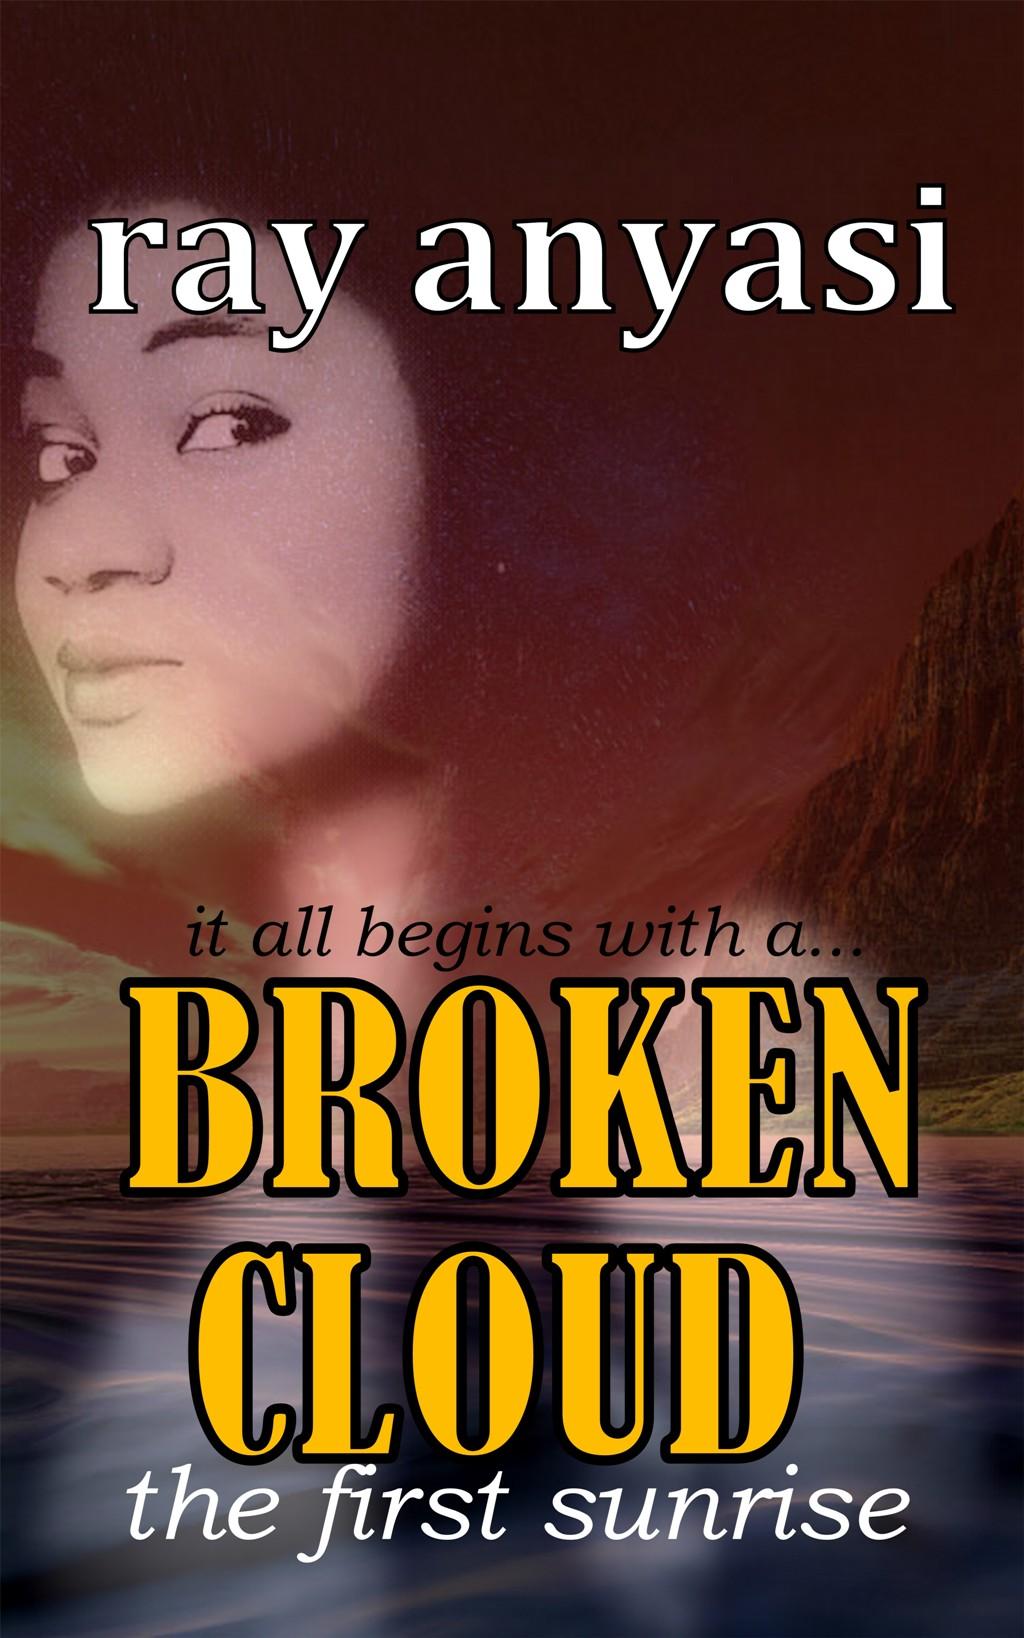 Broken Cloud: the first sunrise